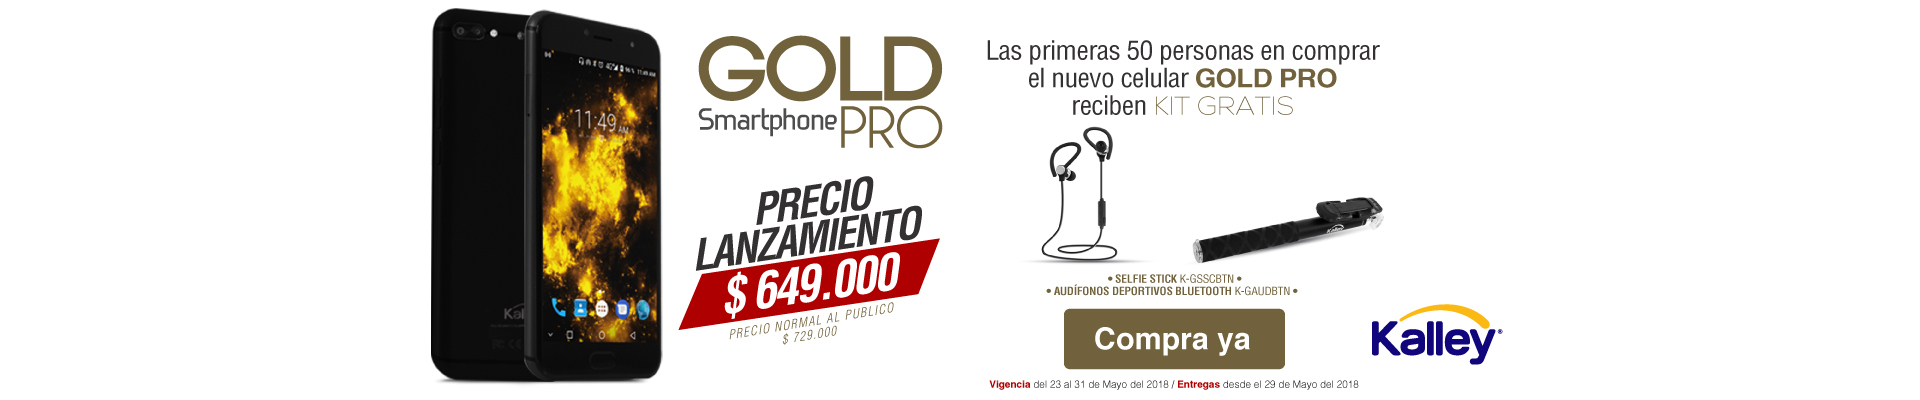 AK-PPAL-12-celulares-PP---Kalley-GoldPro-May26